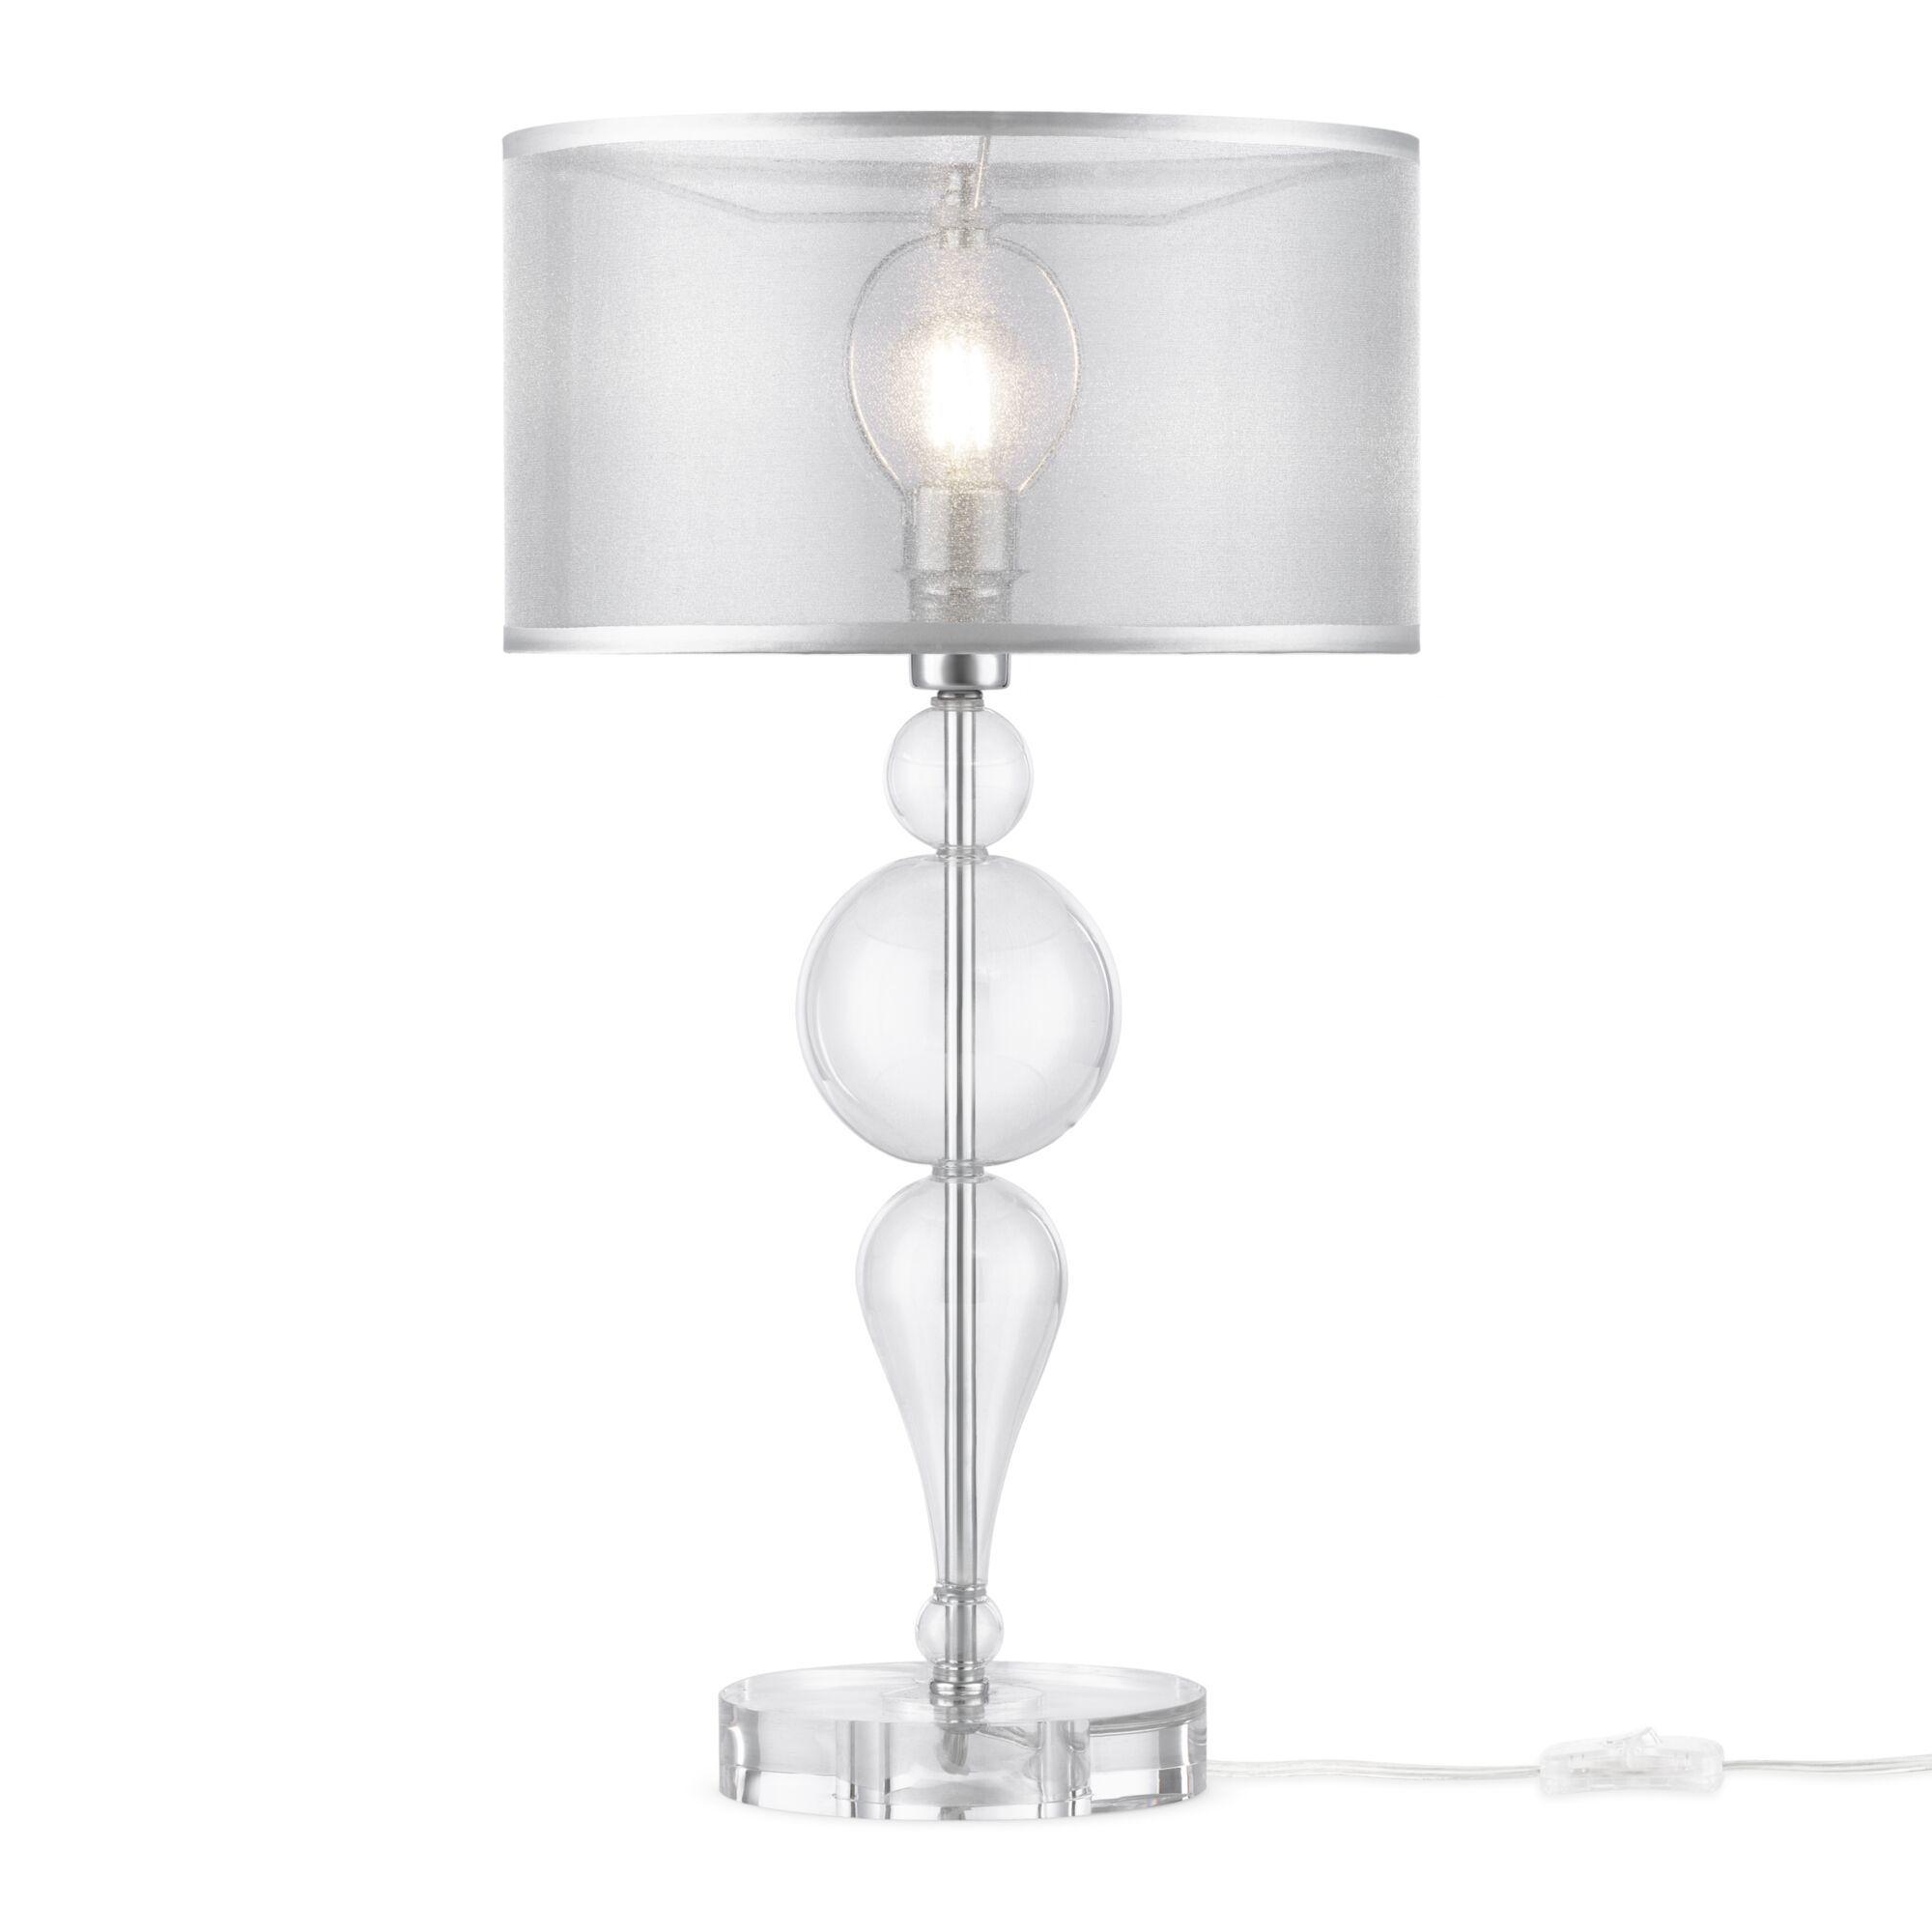 Настольная лампа Maytoni Neoclassic Bubble Dreams MOD603-11-N, 1xE14x40W, хром с прозрачным, прозрачный с хромом, прозрачный, стекло с металлом, текстиль - фото 2